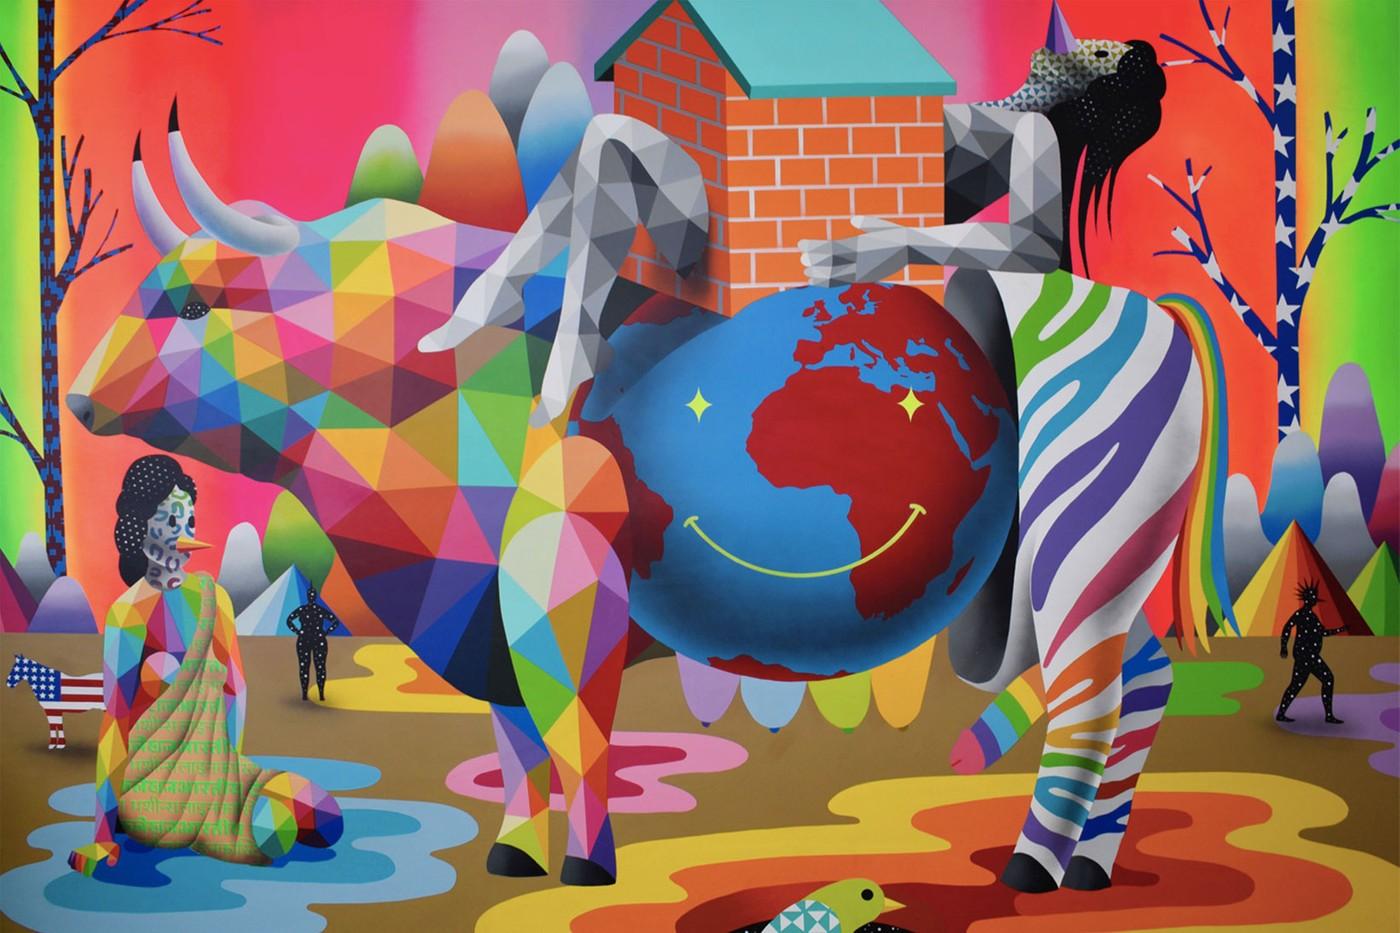 El español Okuda San Miguel presenta su exposición El nuevo amor digital en Los Angeles cuarentena pandemia loqueva (4)